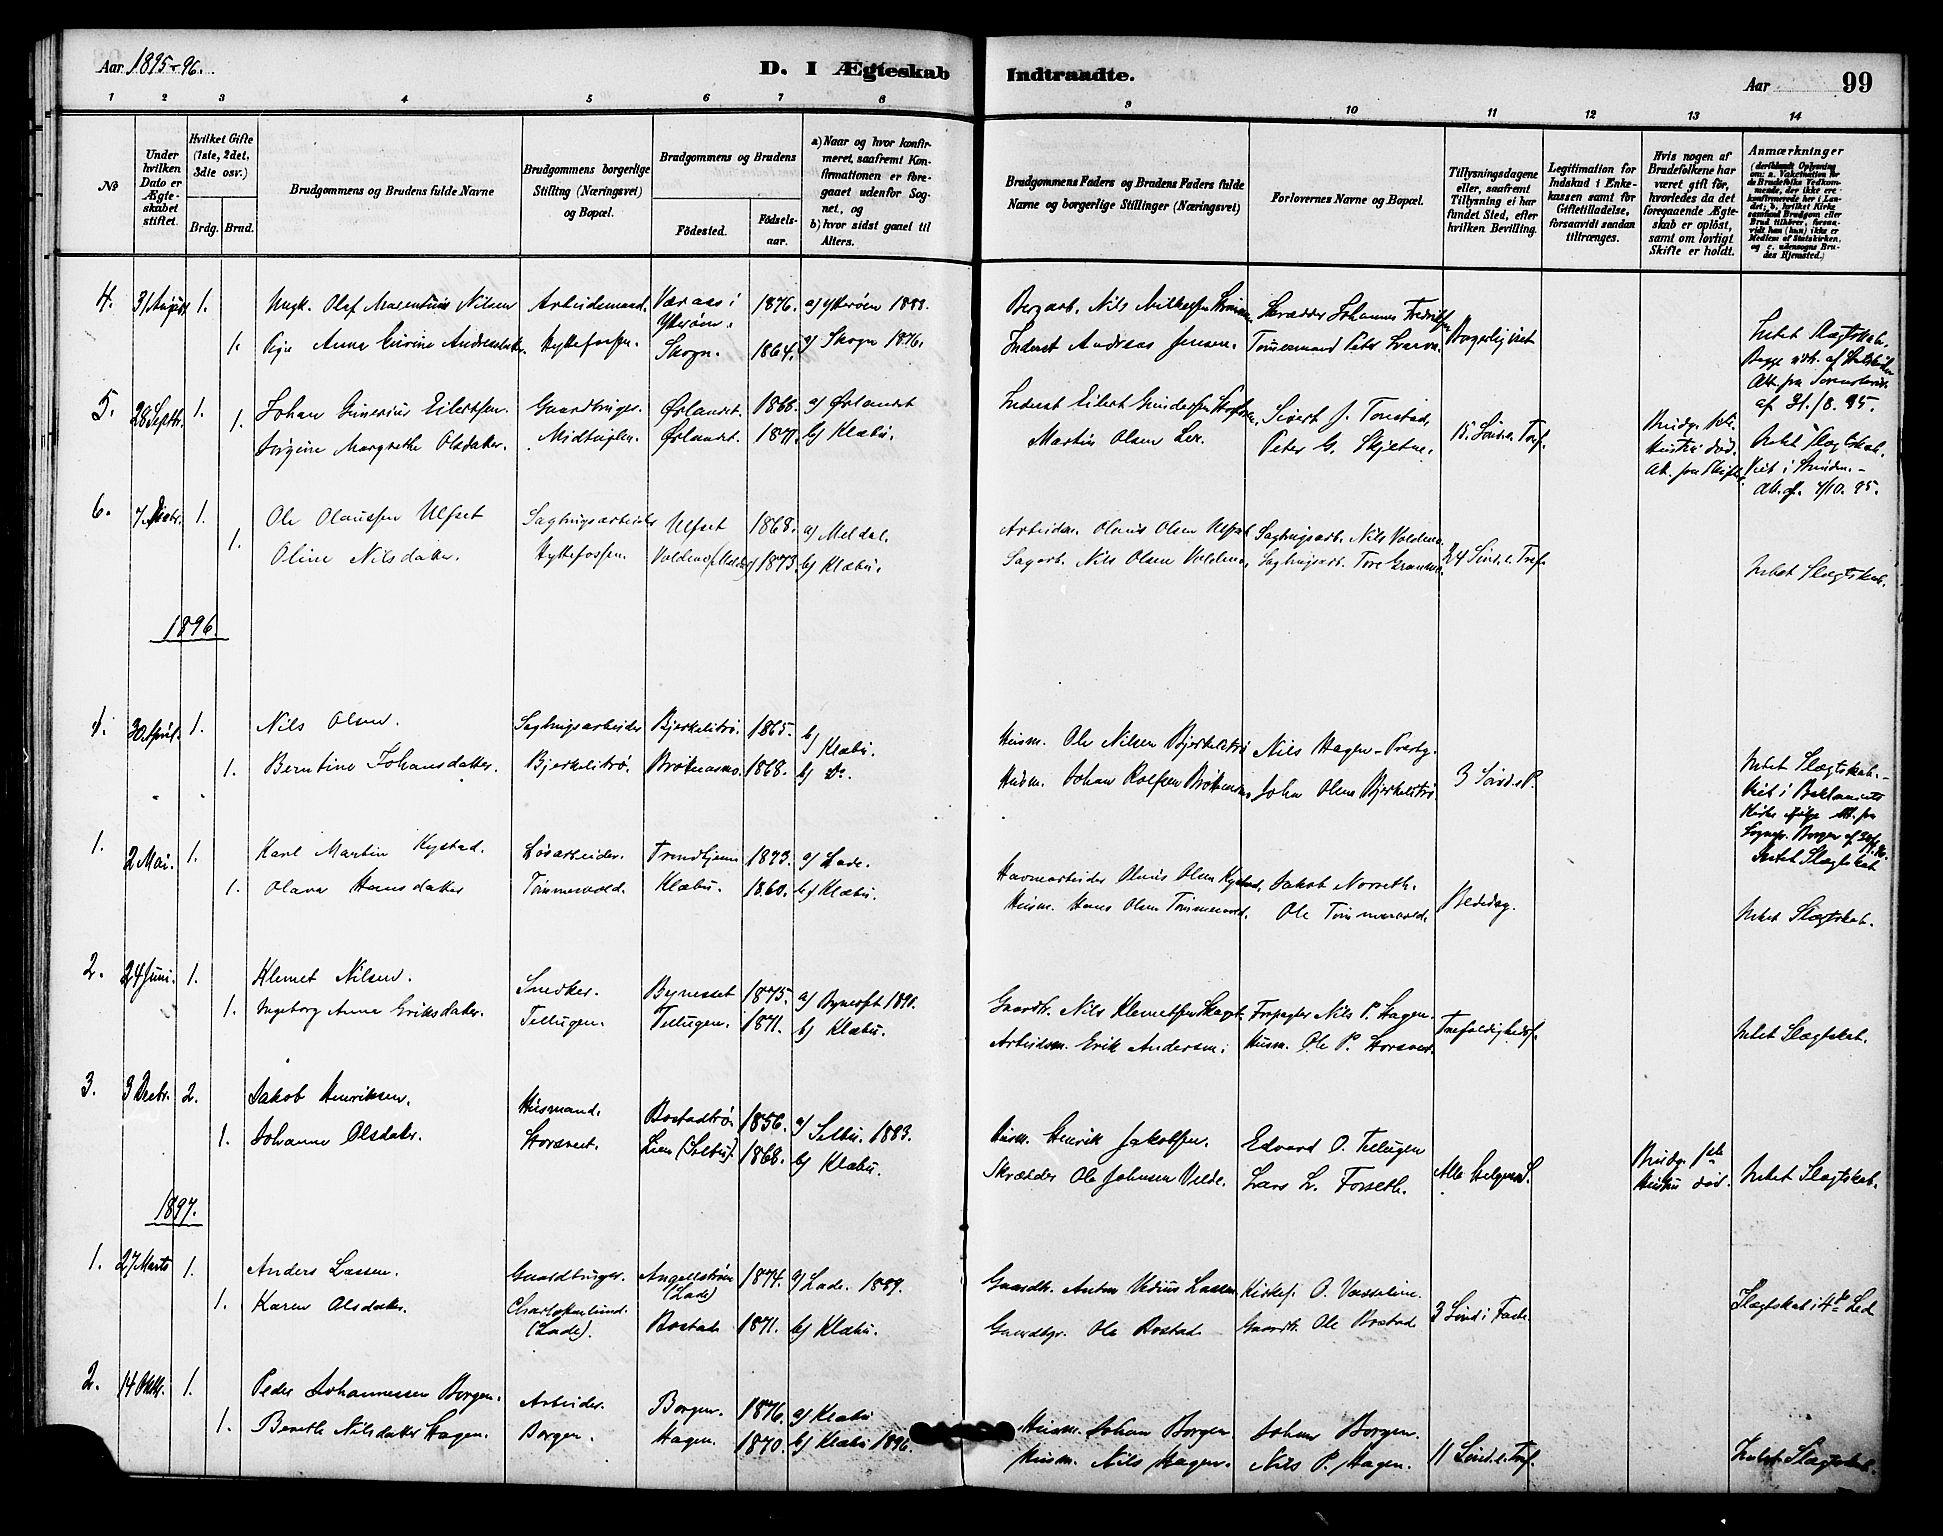 SAT, Ministerialprotokoller, klokkerbøker og fødselsregistre - Sør-Trøndelag, 618/L0444: Ministerialbok nr. 618A07, 1880-1898, s. 99